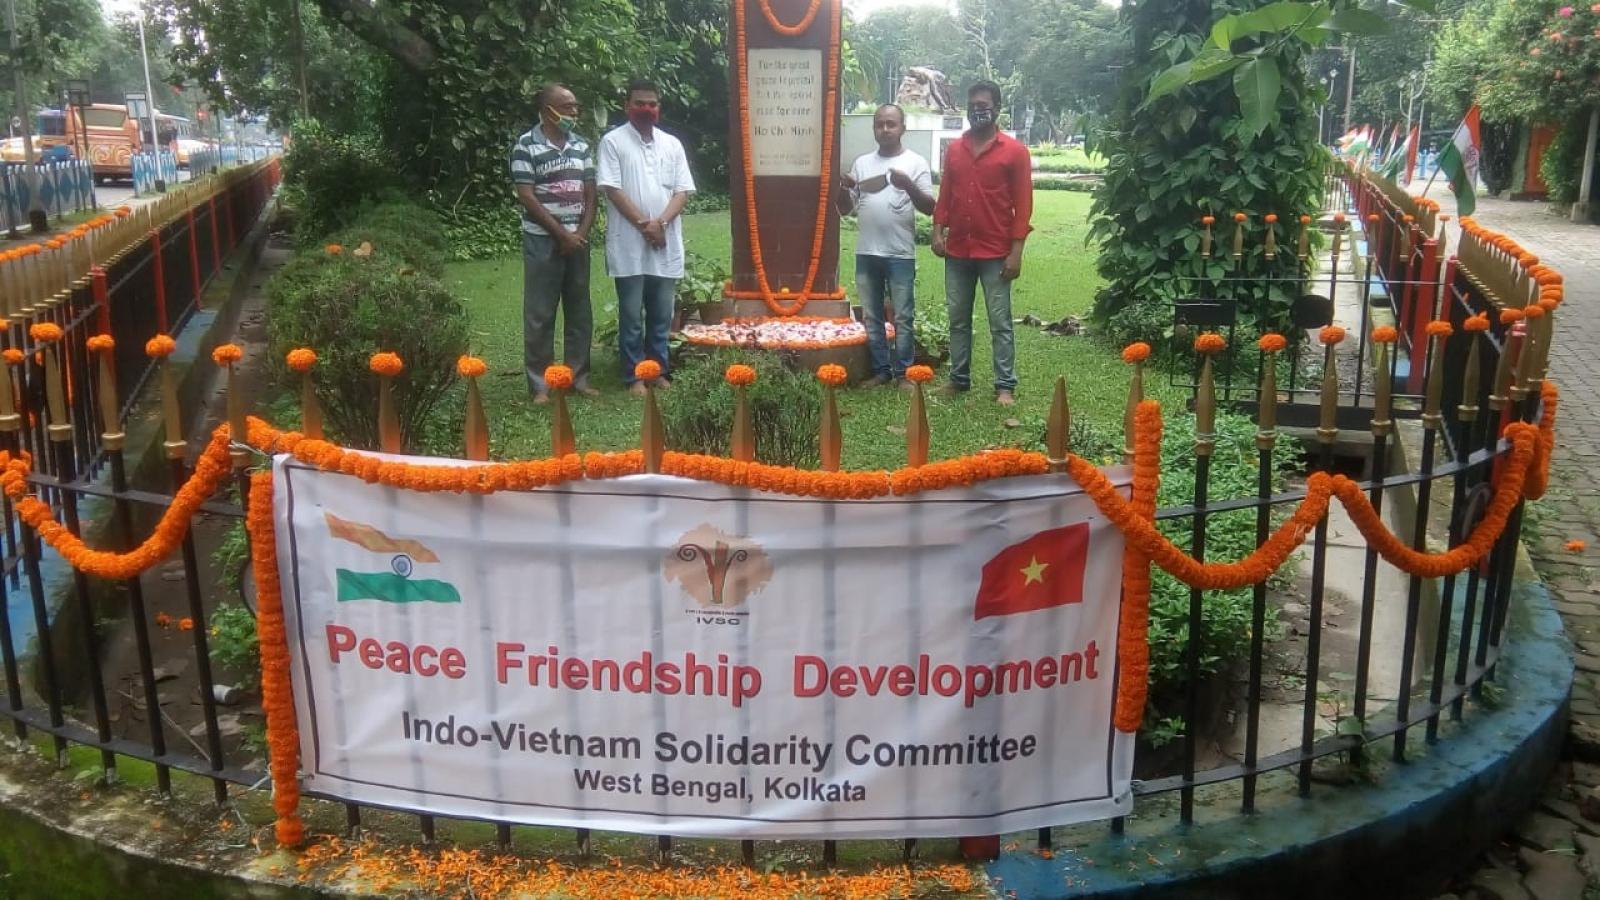 Lễ đặt hoa tại Tượng đài Hồ Chí Minh ở Kolkata của Ấn Độ